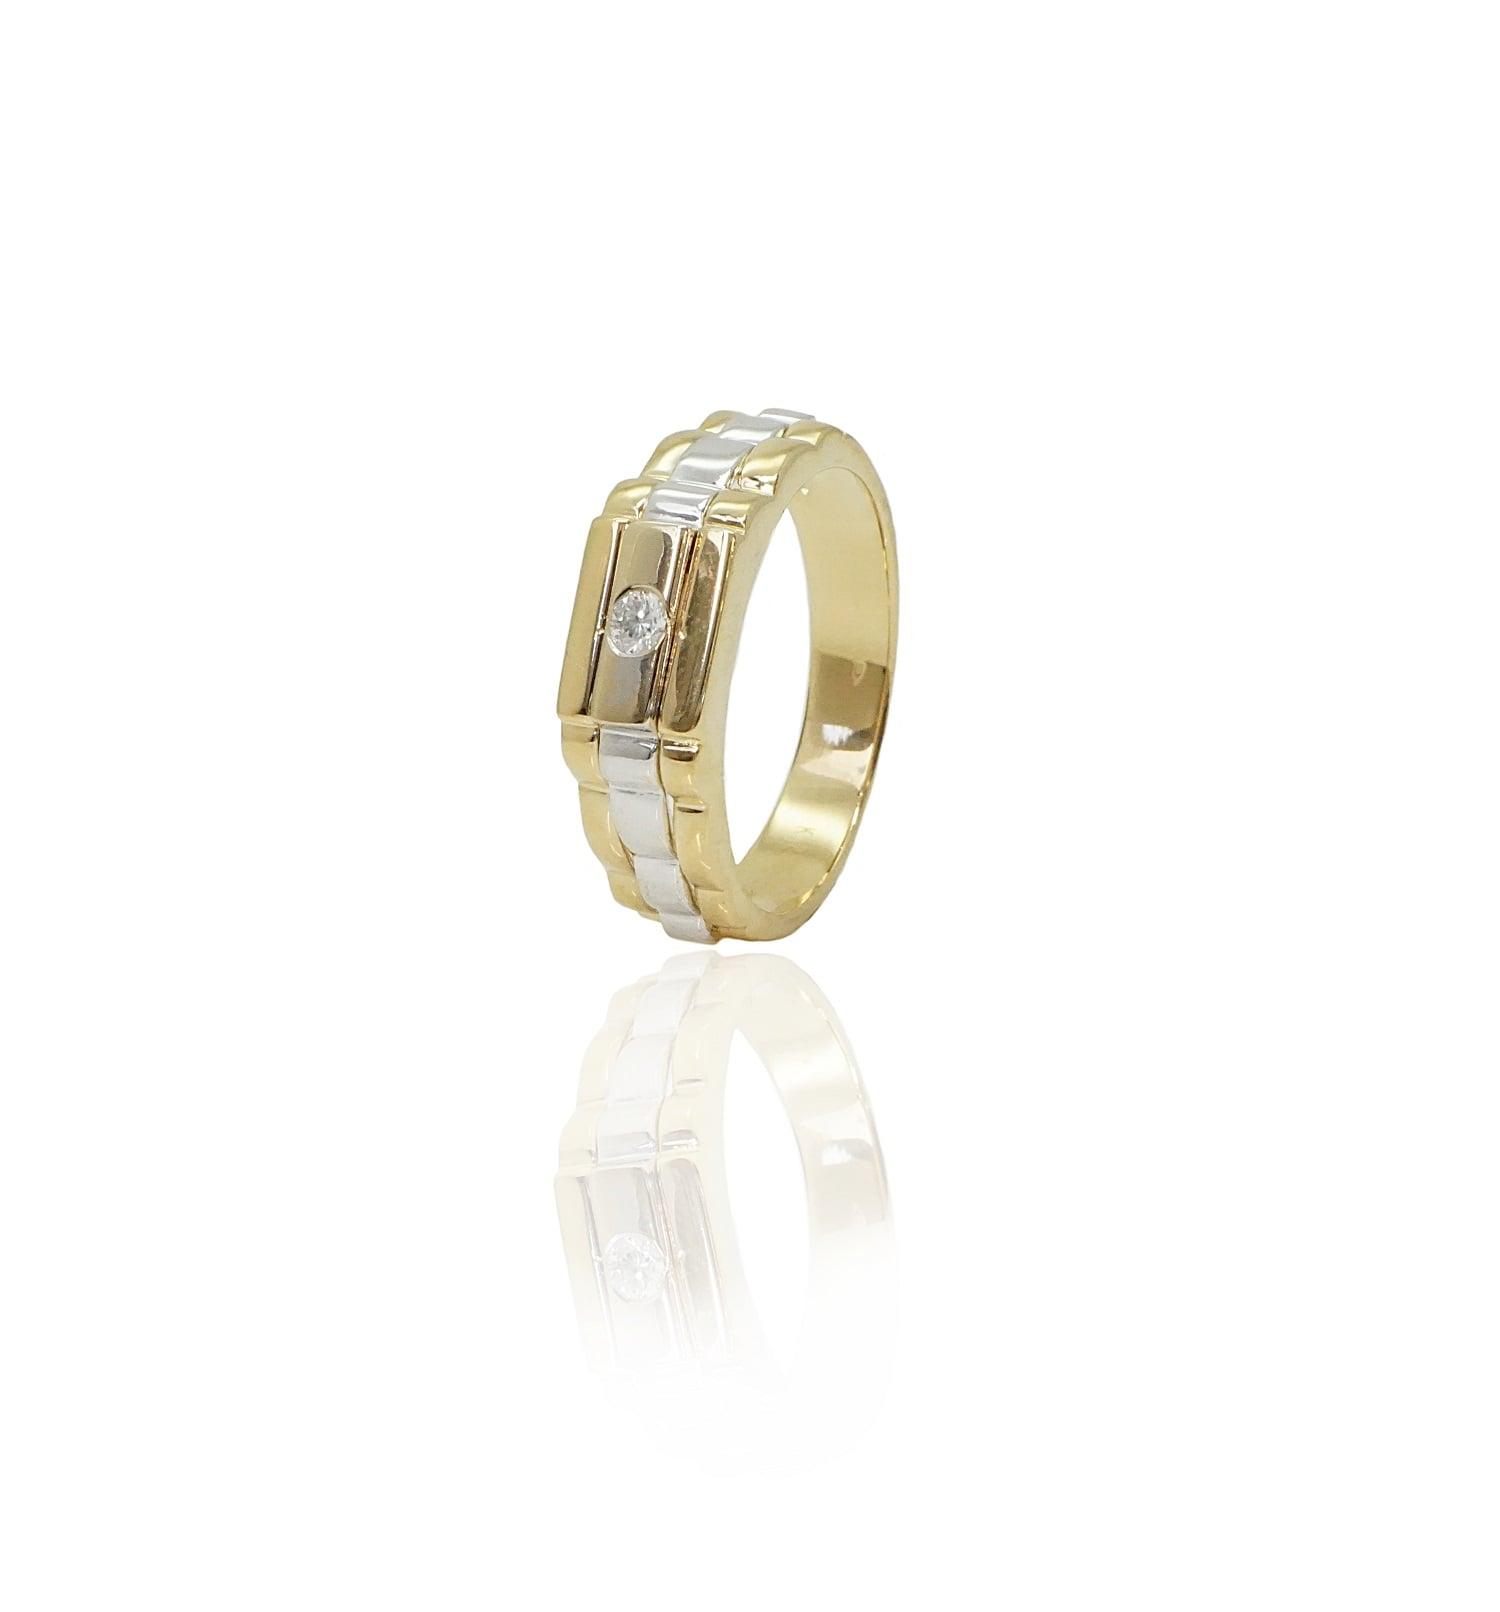 טבעת זהב לגבר עם יהלום